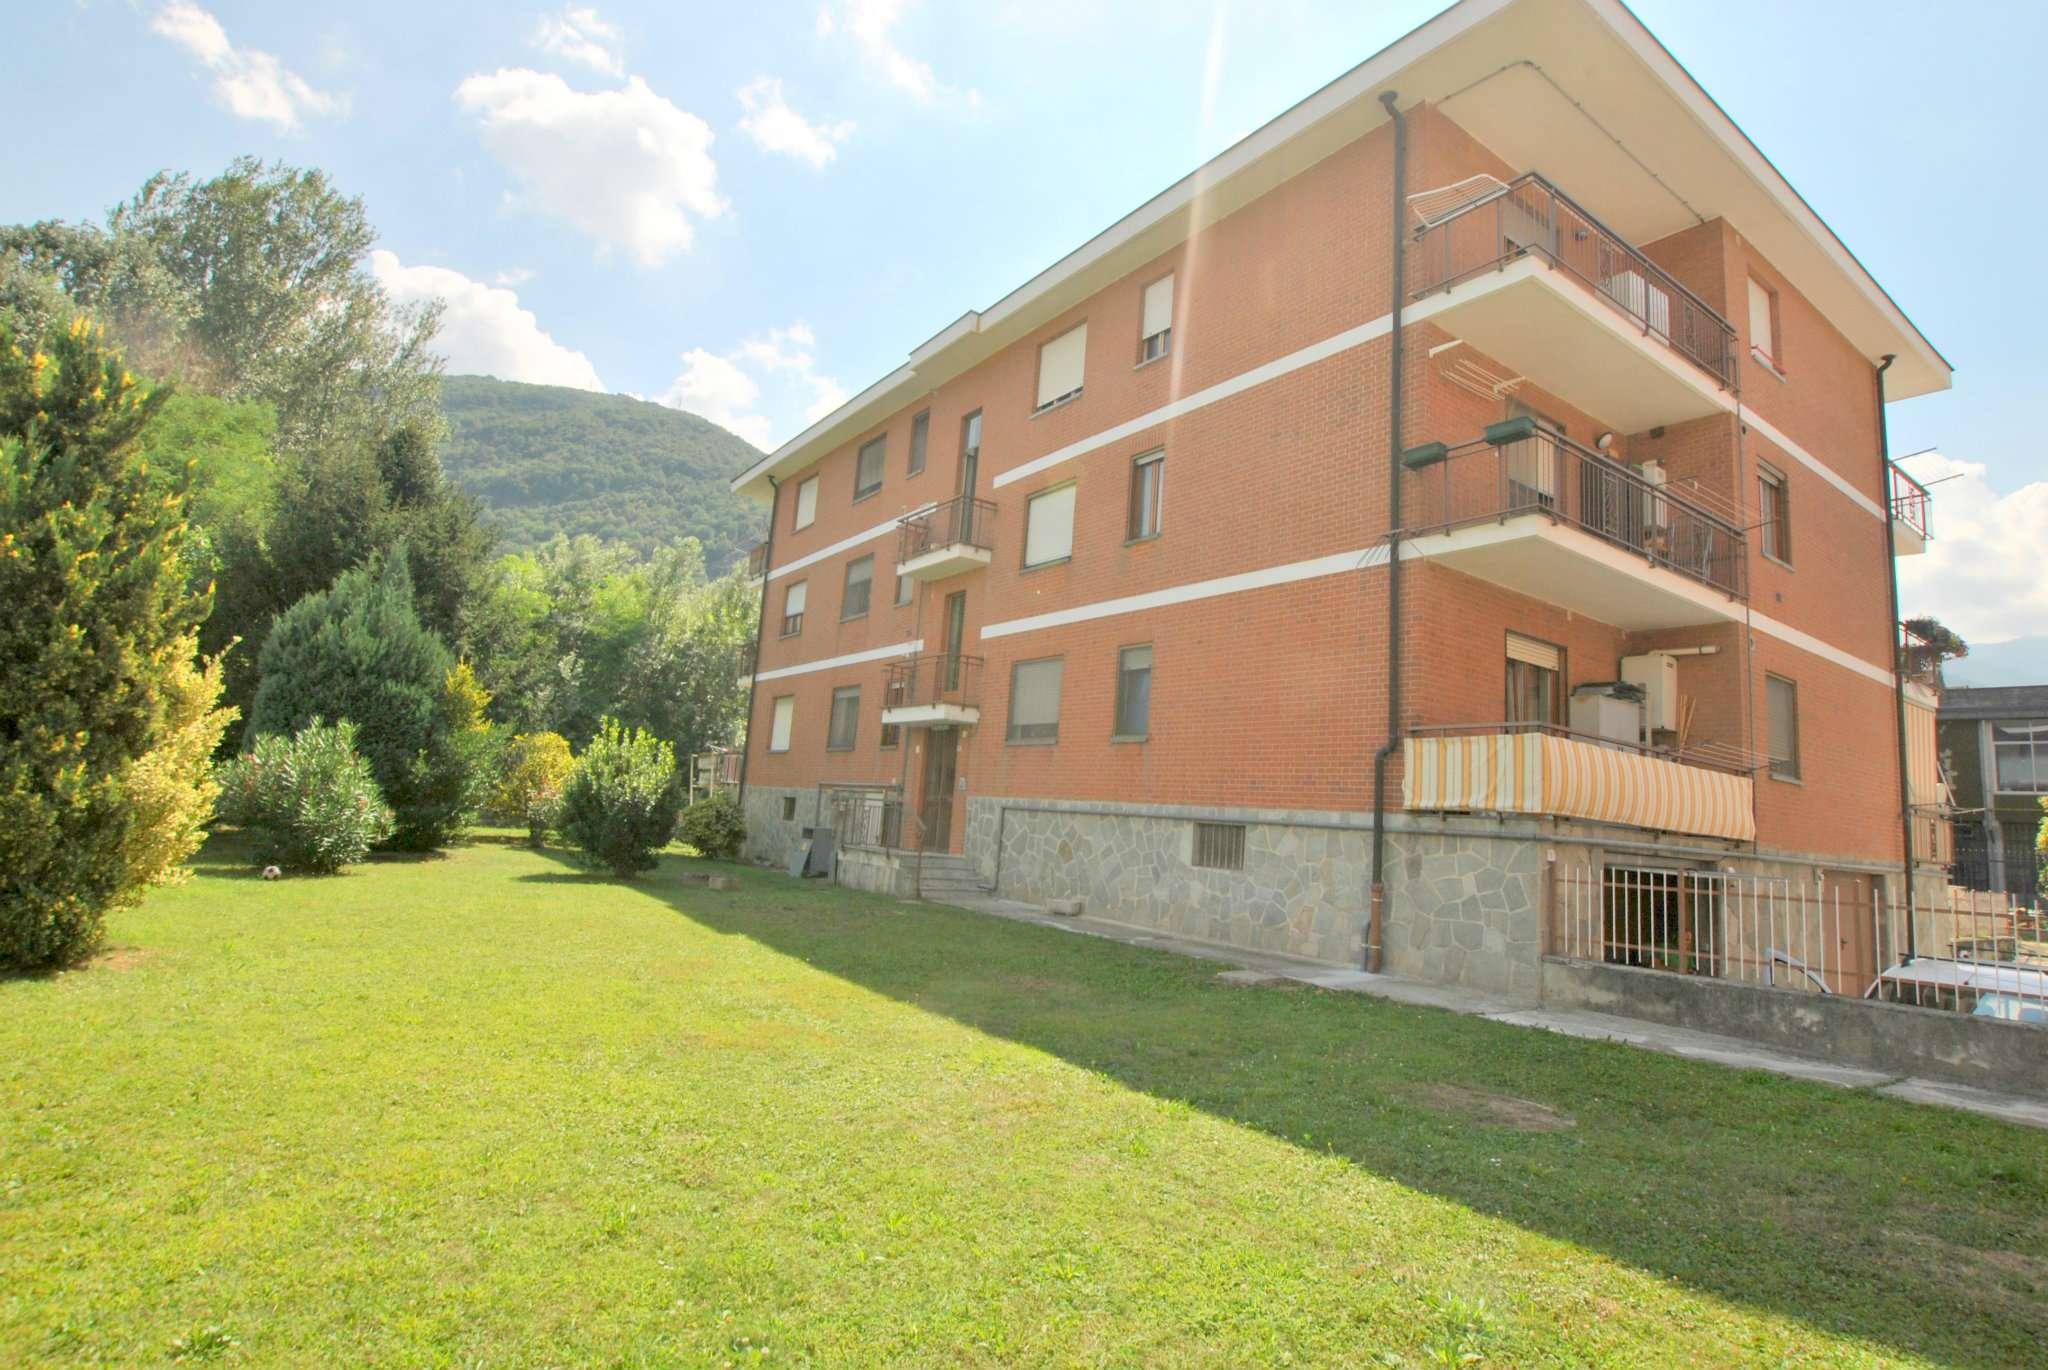 Appartamento in vendita a Chiusa di San Michele, 4 locali, prezzo € 118.000   PortaleAgenzieImmobiliari.it